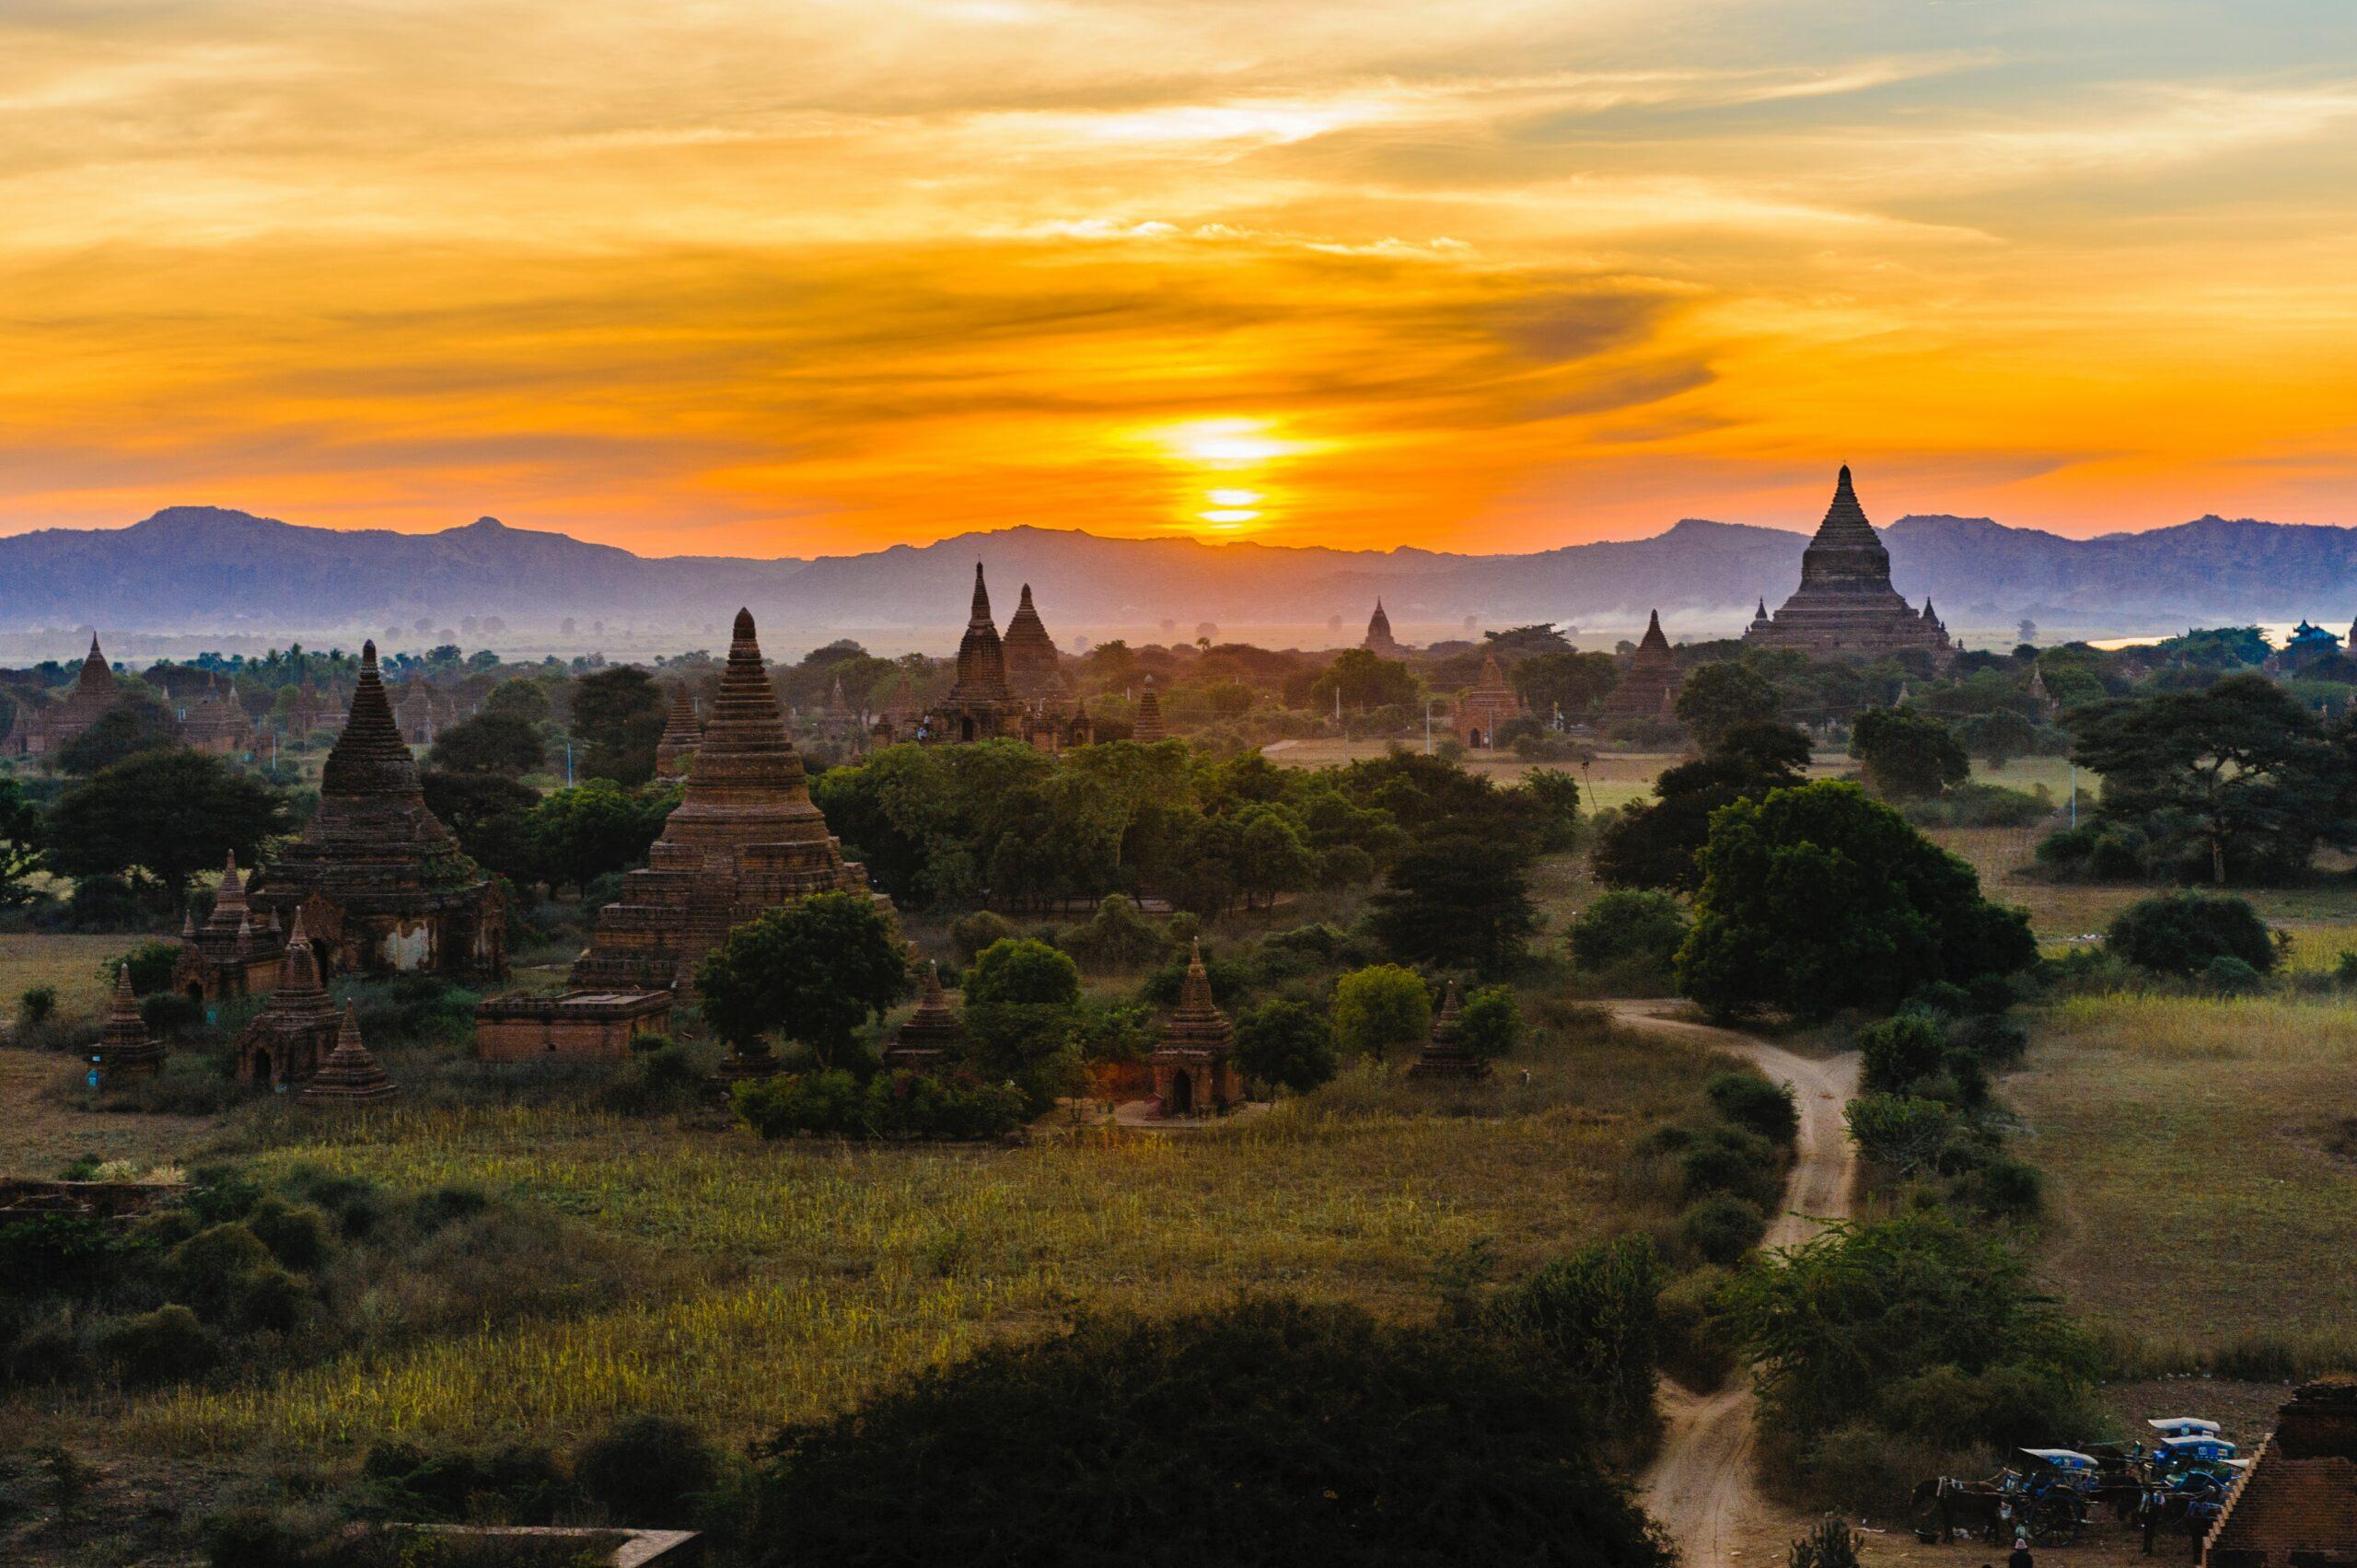 Landscape of Myanmar: Sanctions